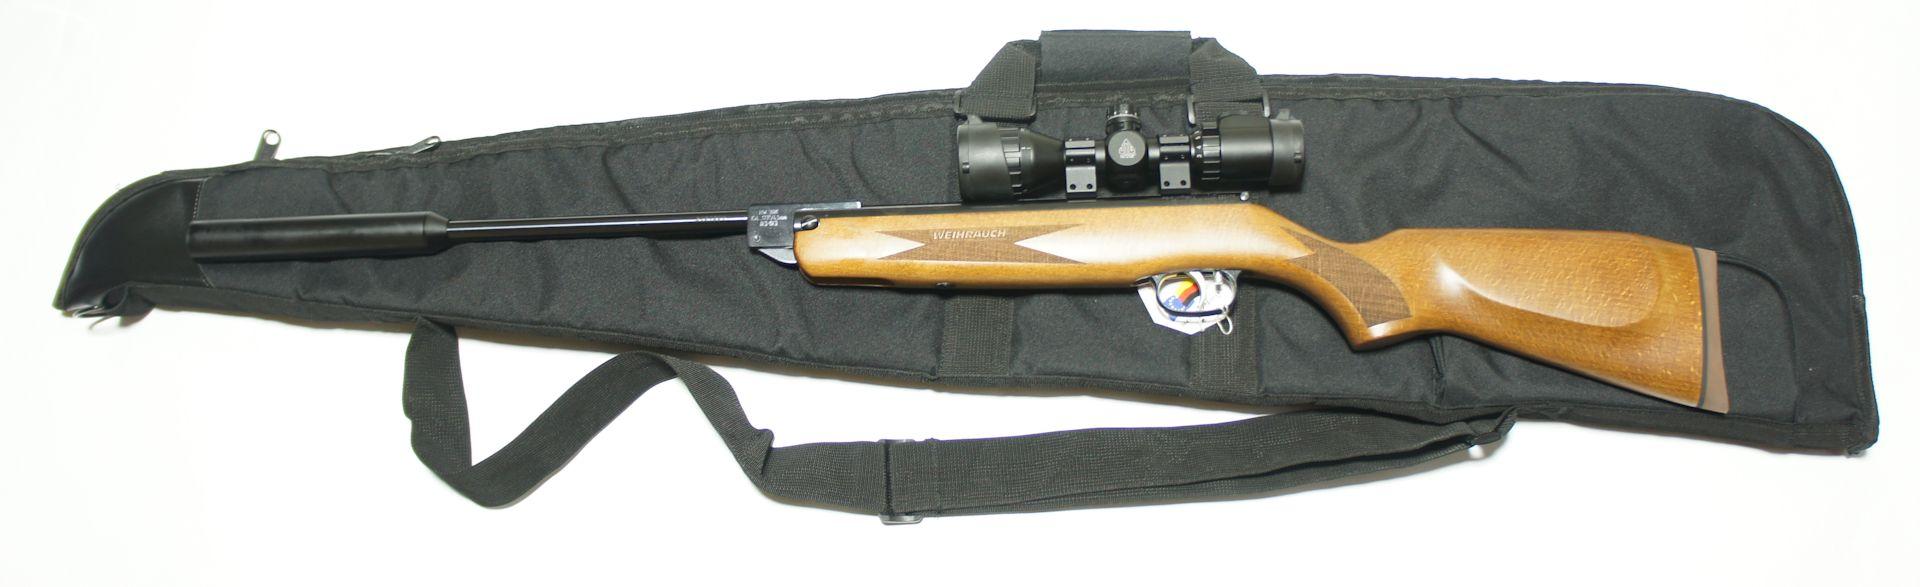 Anwendungsbeispiel mit Luftgewehr, Schalldämpfer und Optik